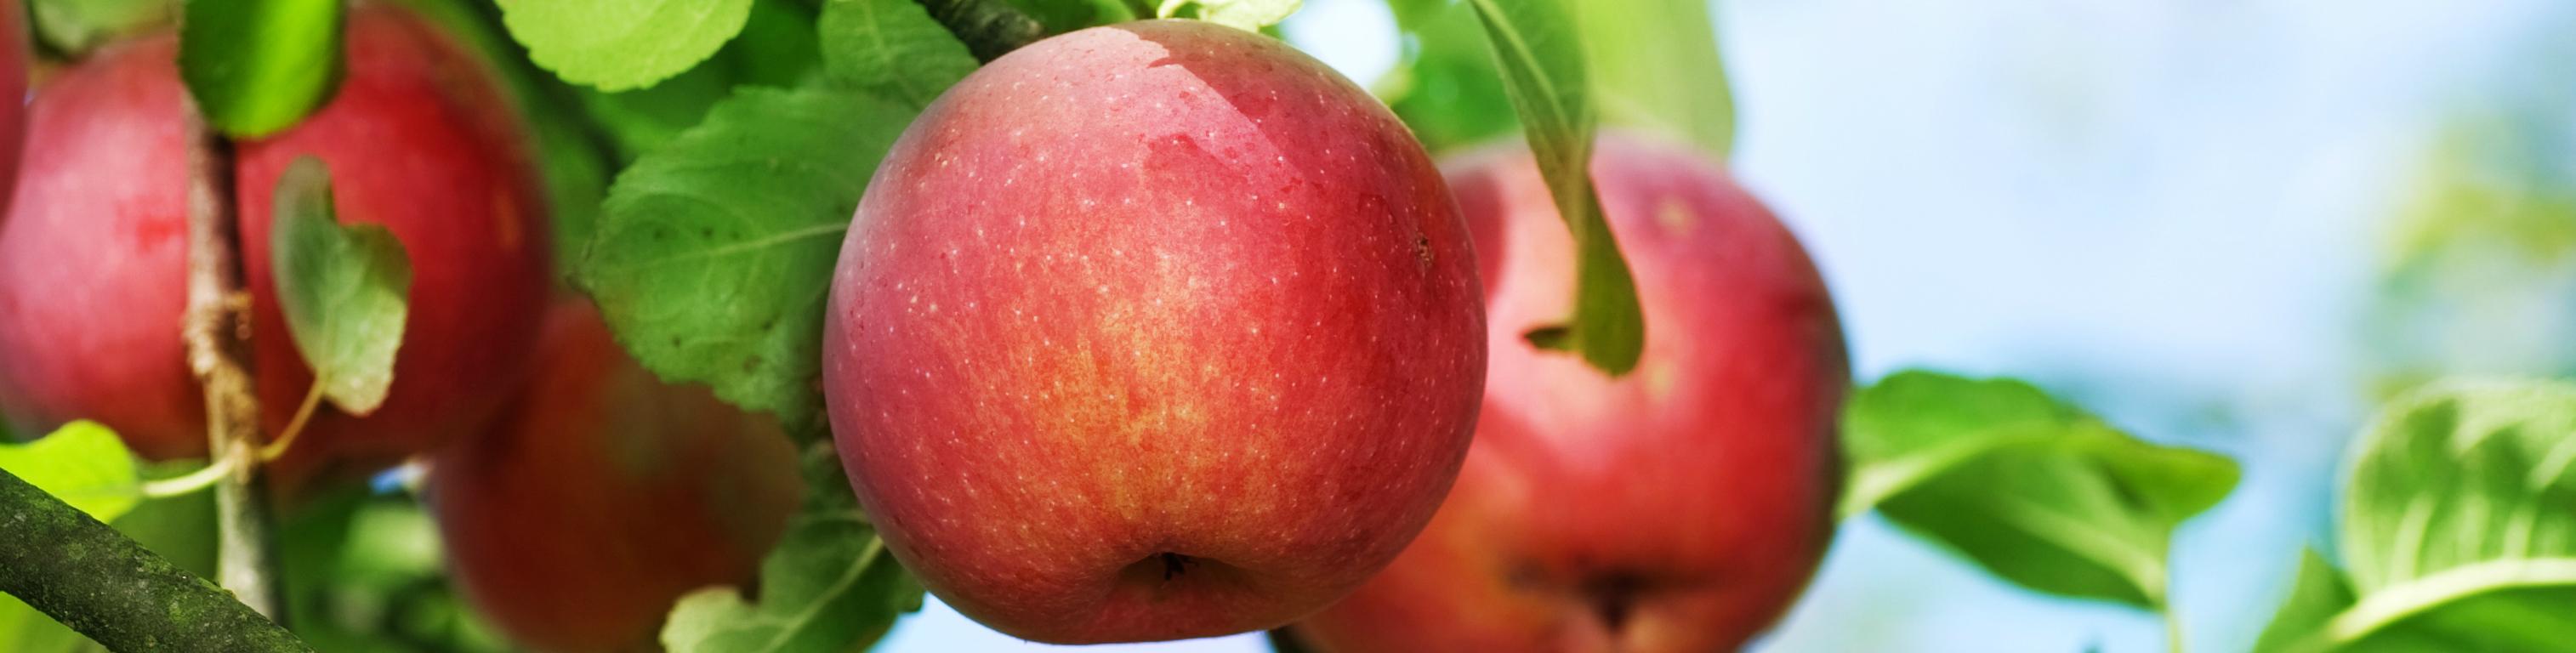 Seguro Vides, Manzanas y Peras